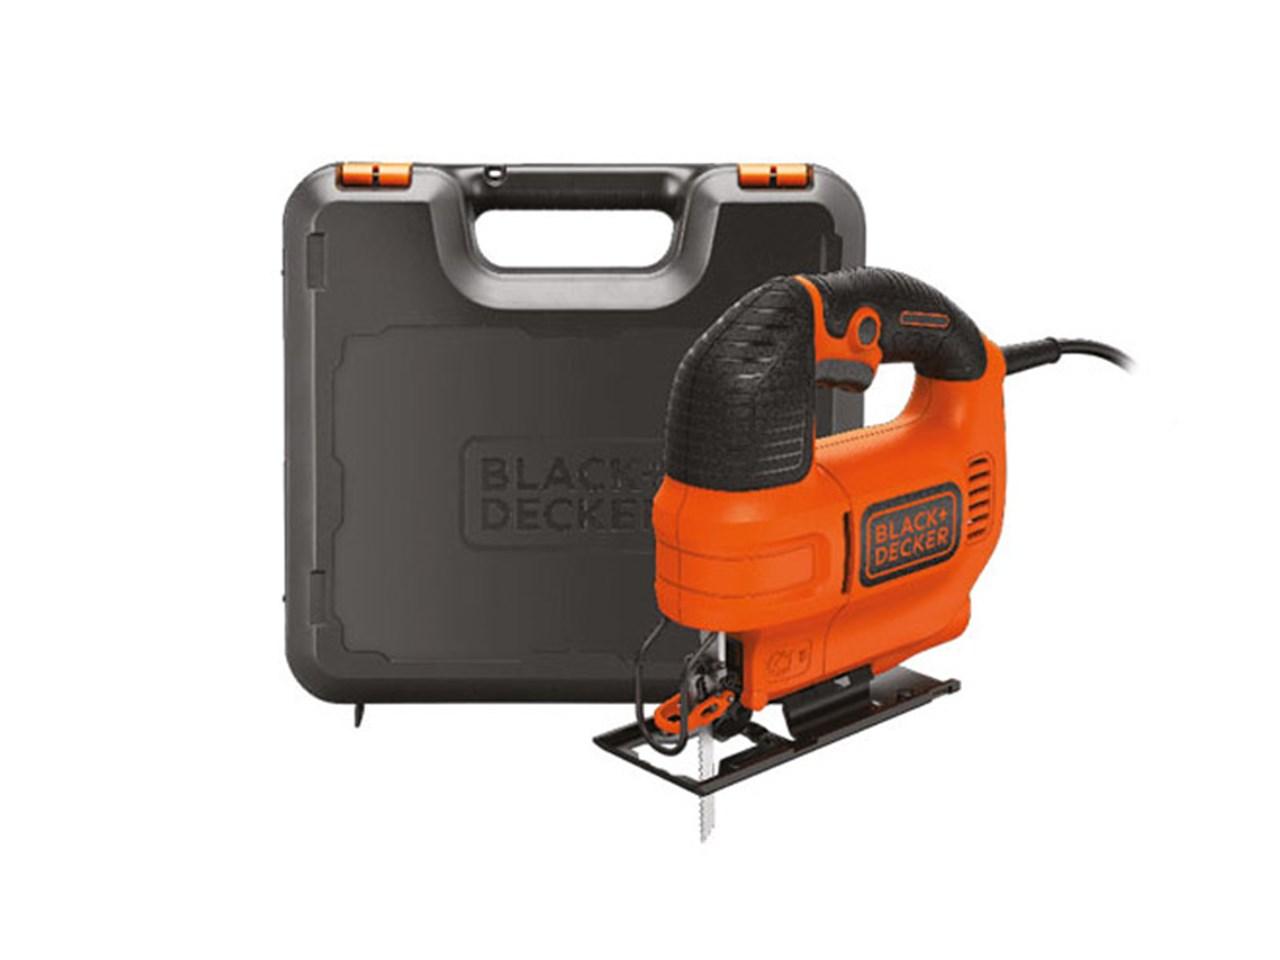 Black and decker ks701ek 240v jigsaw 520 watt greentooth Gallery